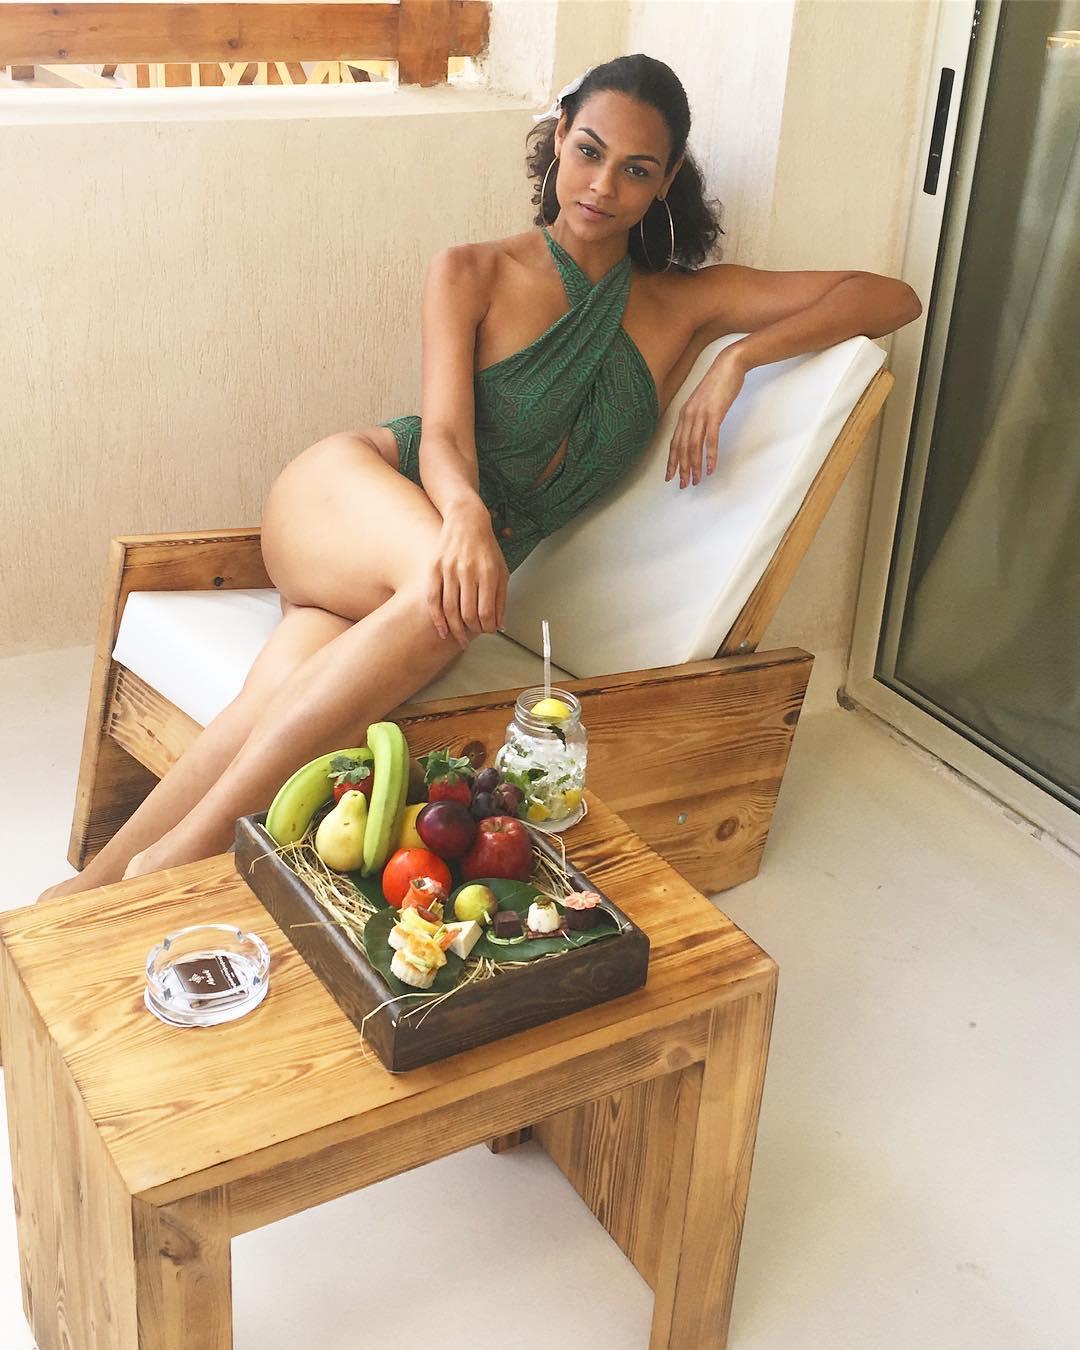 hosana elliot, semifinalista de top model of the world 2018/miss rio de janeiro 2014. - Página 2 A82ael10